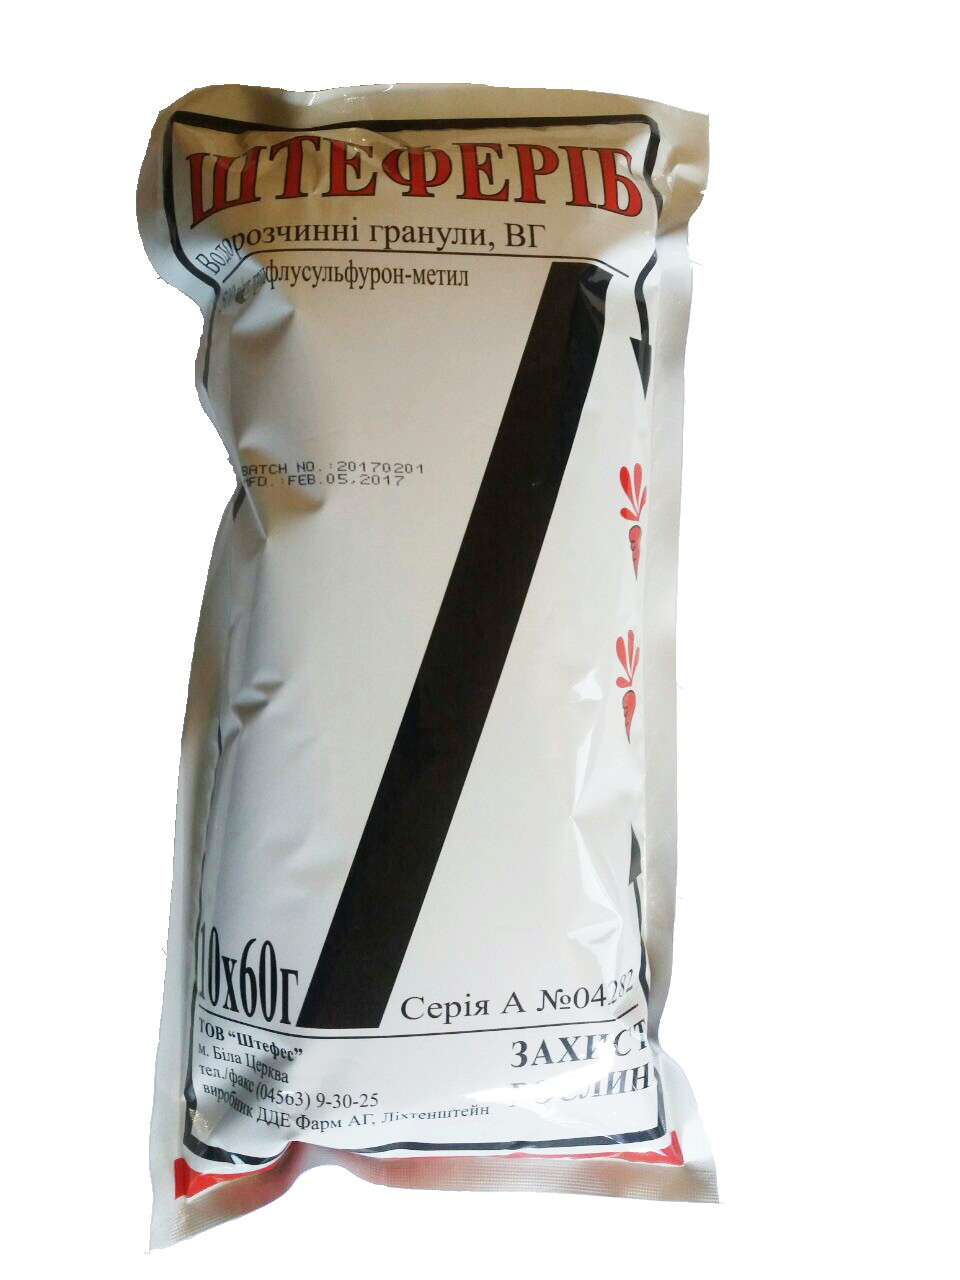 Гербицид Штефериб ( Карибу ) трифлусульфурон-метил 500 г/кг; для сахарной свеклы, против однолетних двудольных